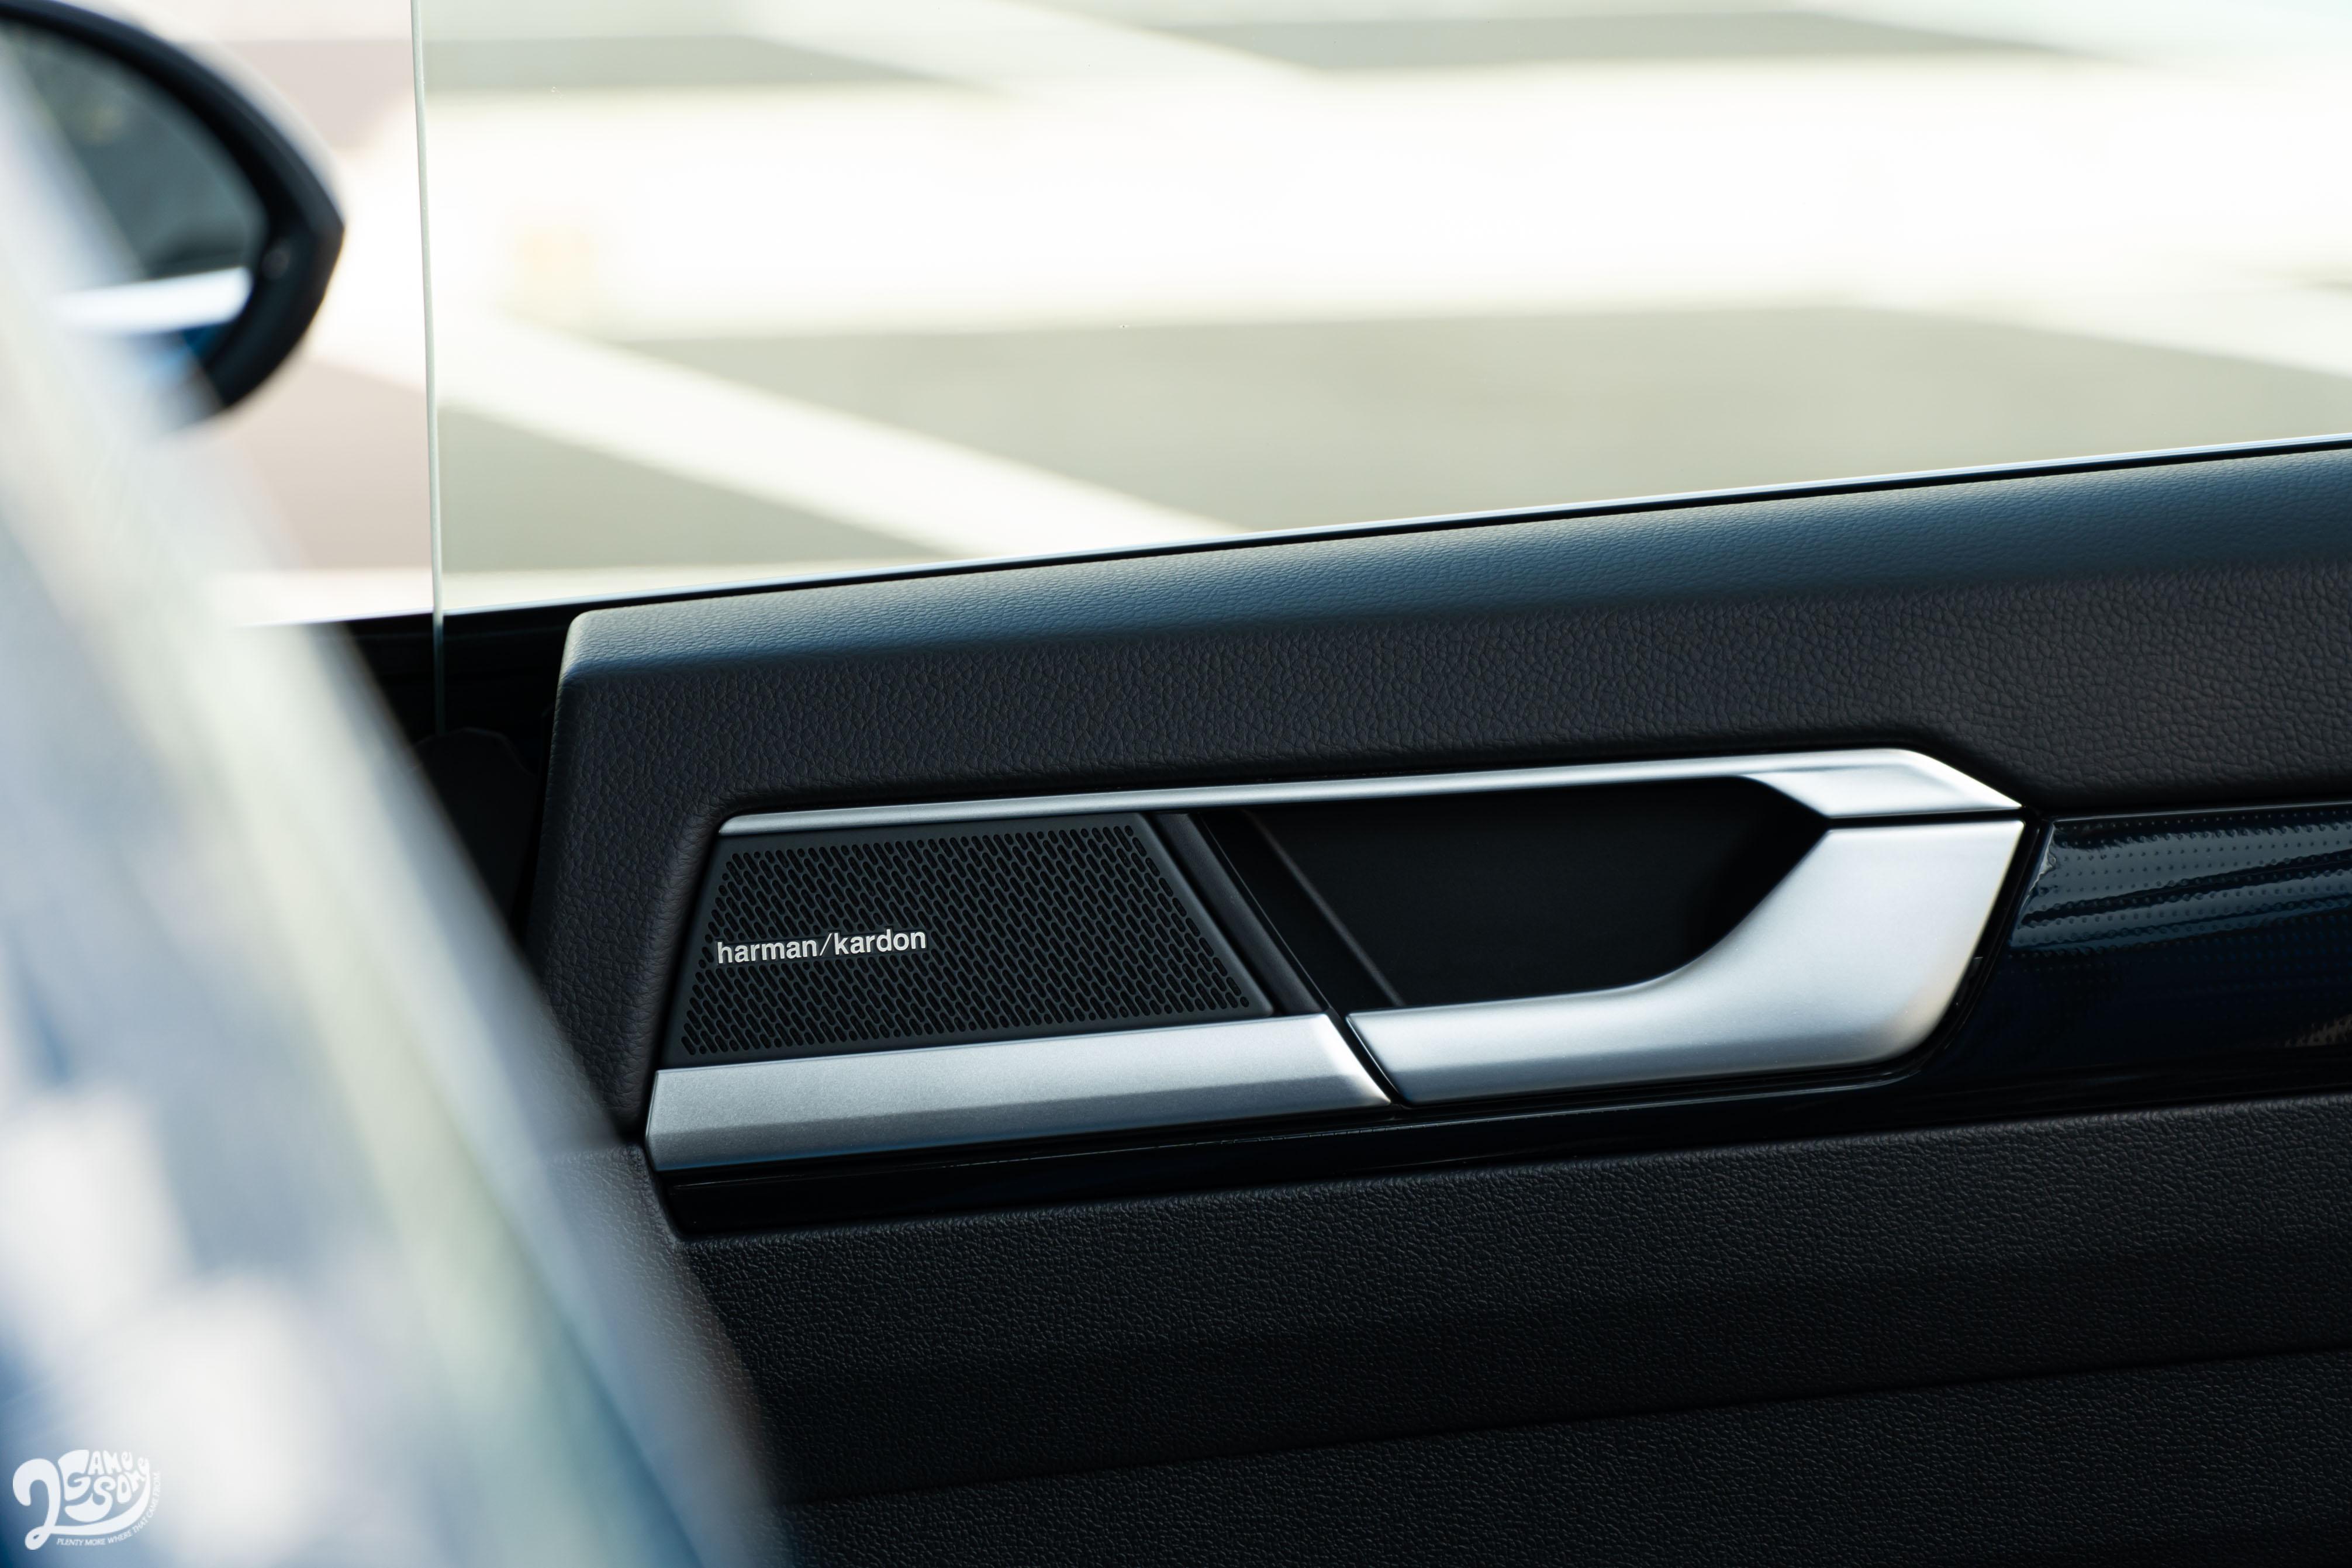 2 月底前入主 Arteon Fastback 330 TSI Elegance Premium 即可以 168.3 萬元車價並加贈 Harman Kardon 音響系統,限量 100 組。